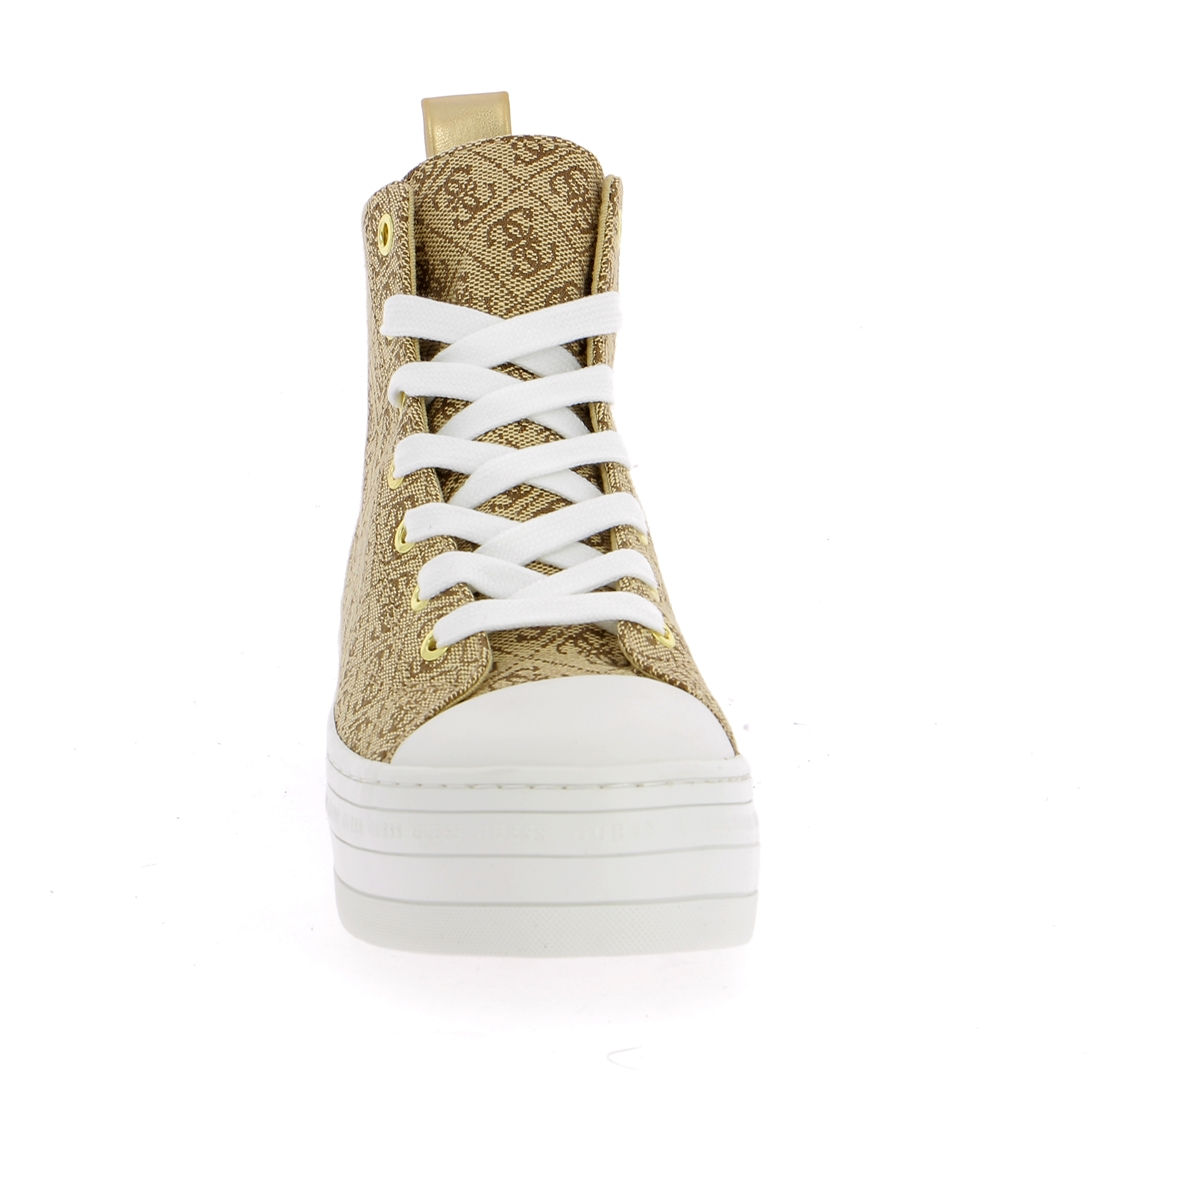 Guess Sneakers goud